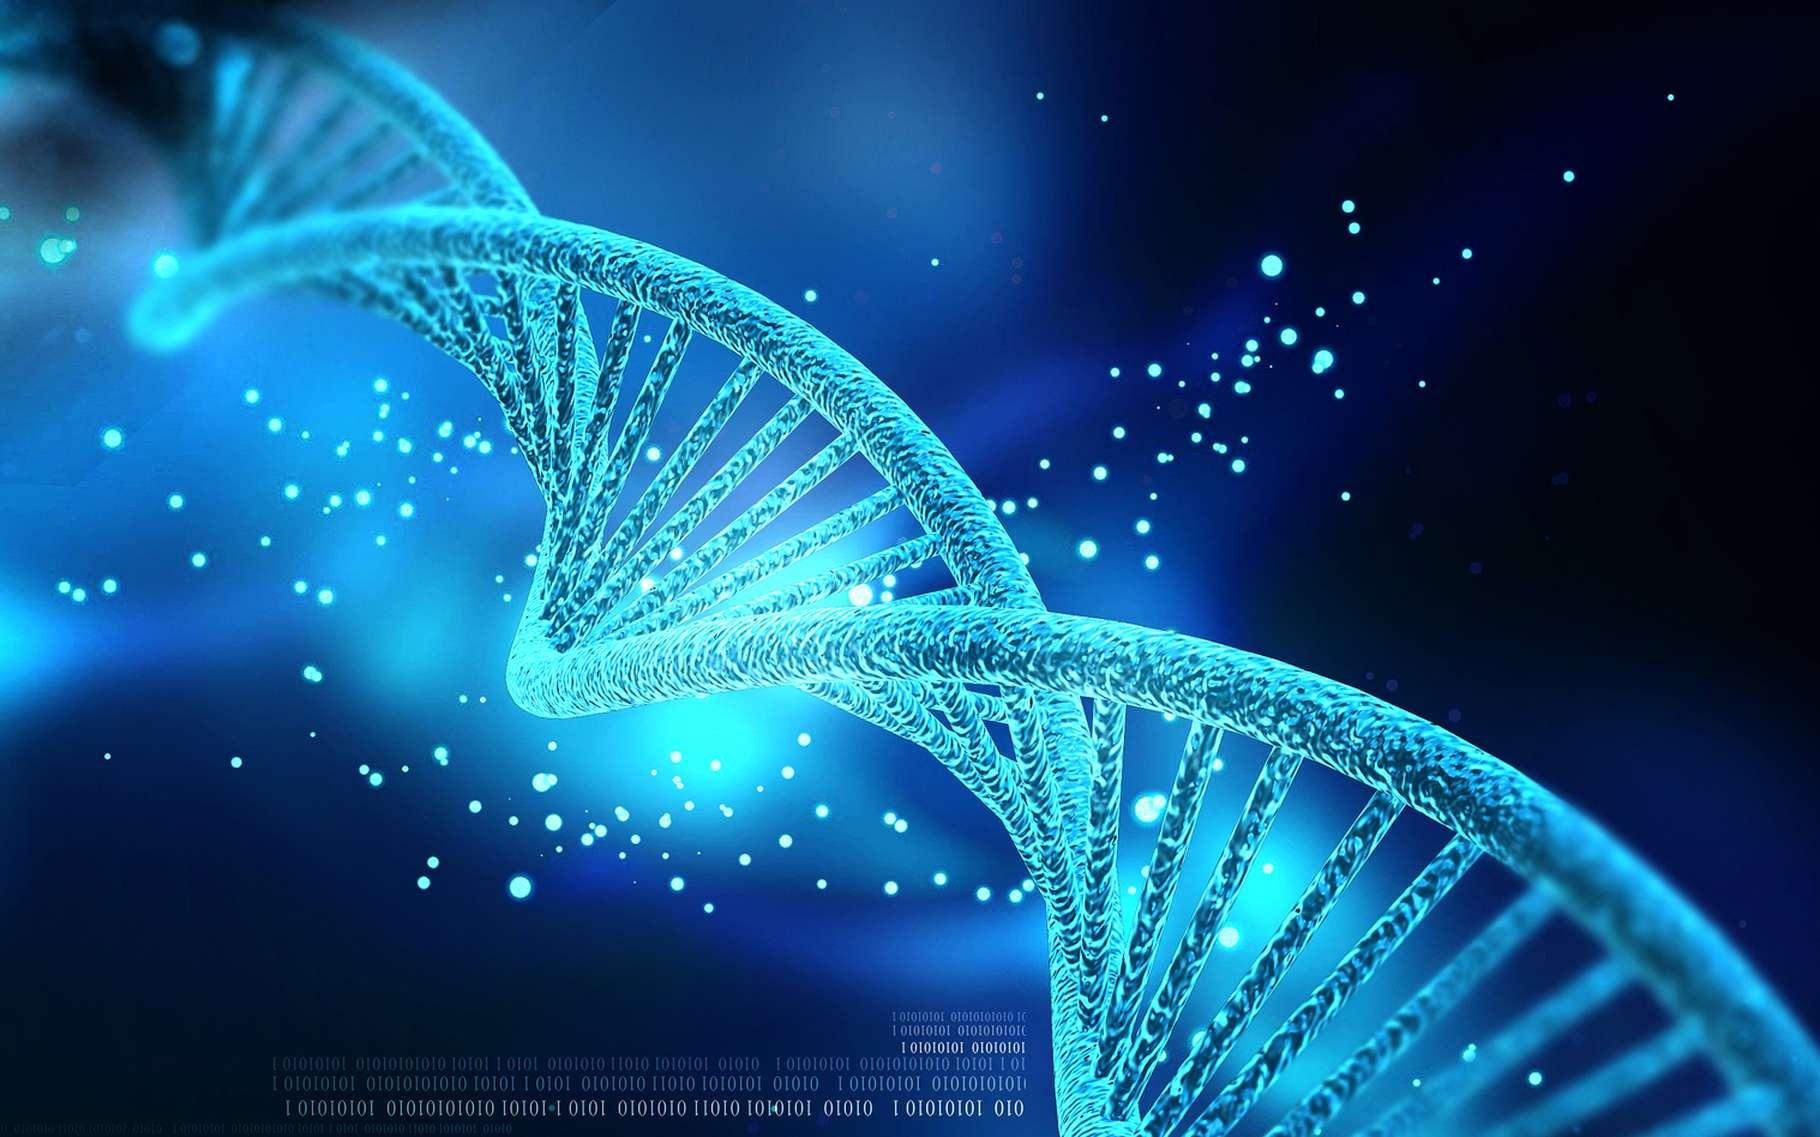 L'ADN, support des gènes, est une molécule très bien organisée. © Creations, Shutterstock